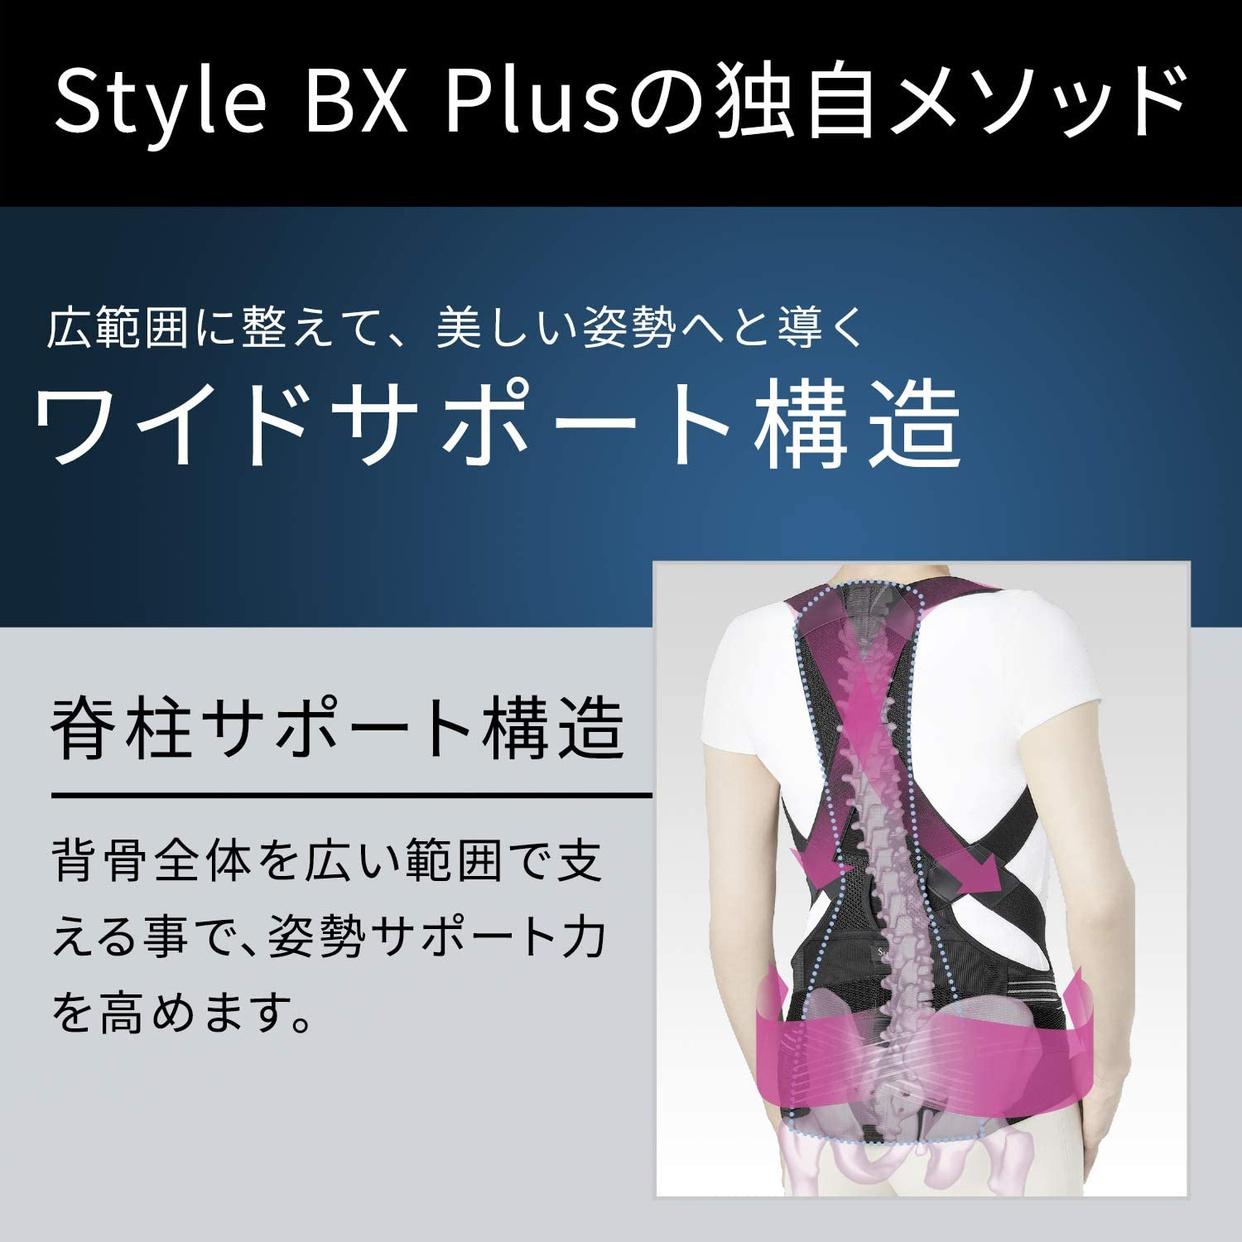 MTG(エムティージー) スタイルビーエックスプラスの商品画像6